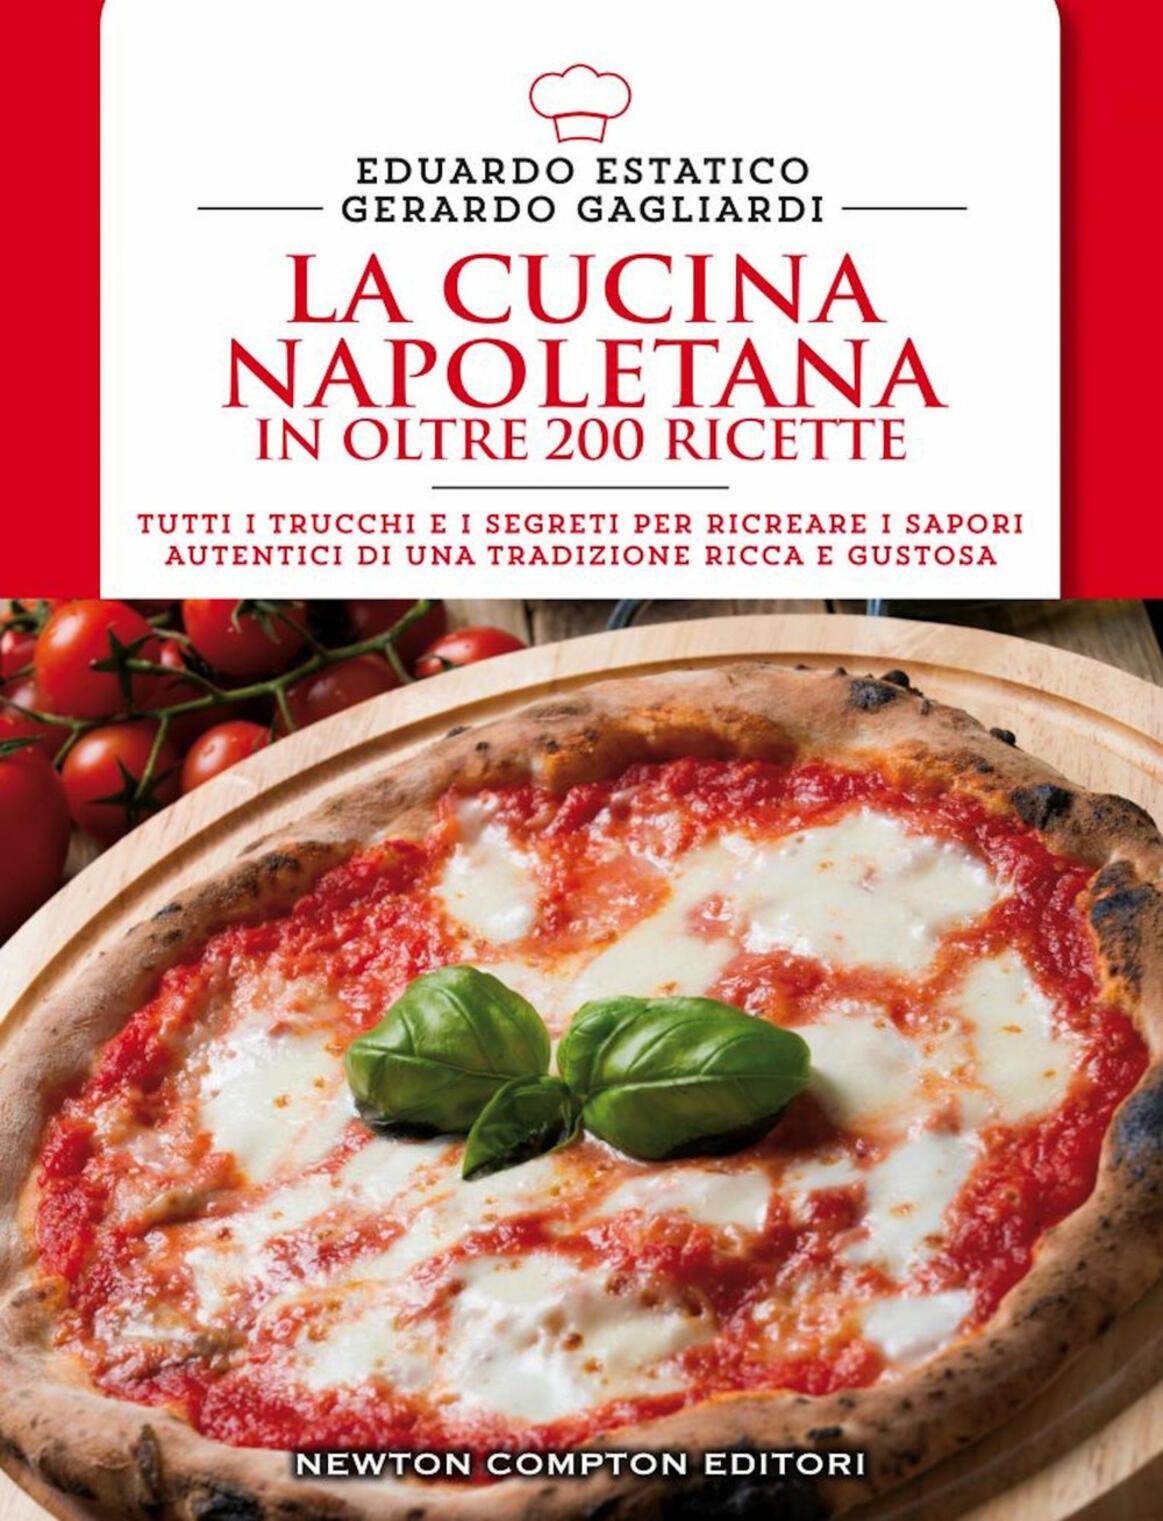 Disegno la cucina di eduardo : La cucina napoletana in oltre 200 ricette - Eduardo Estatico ...